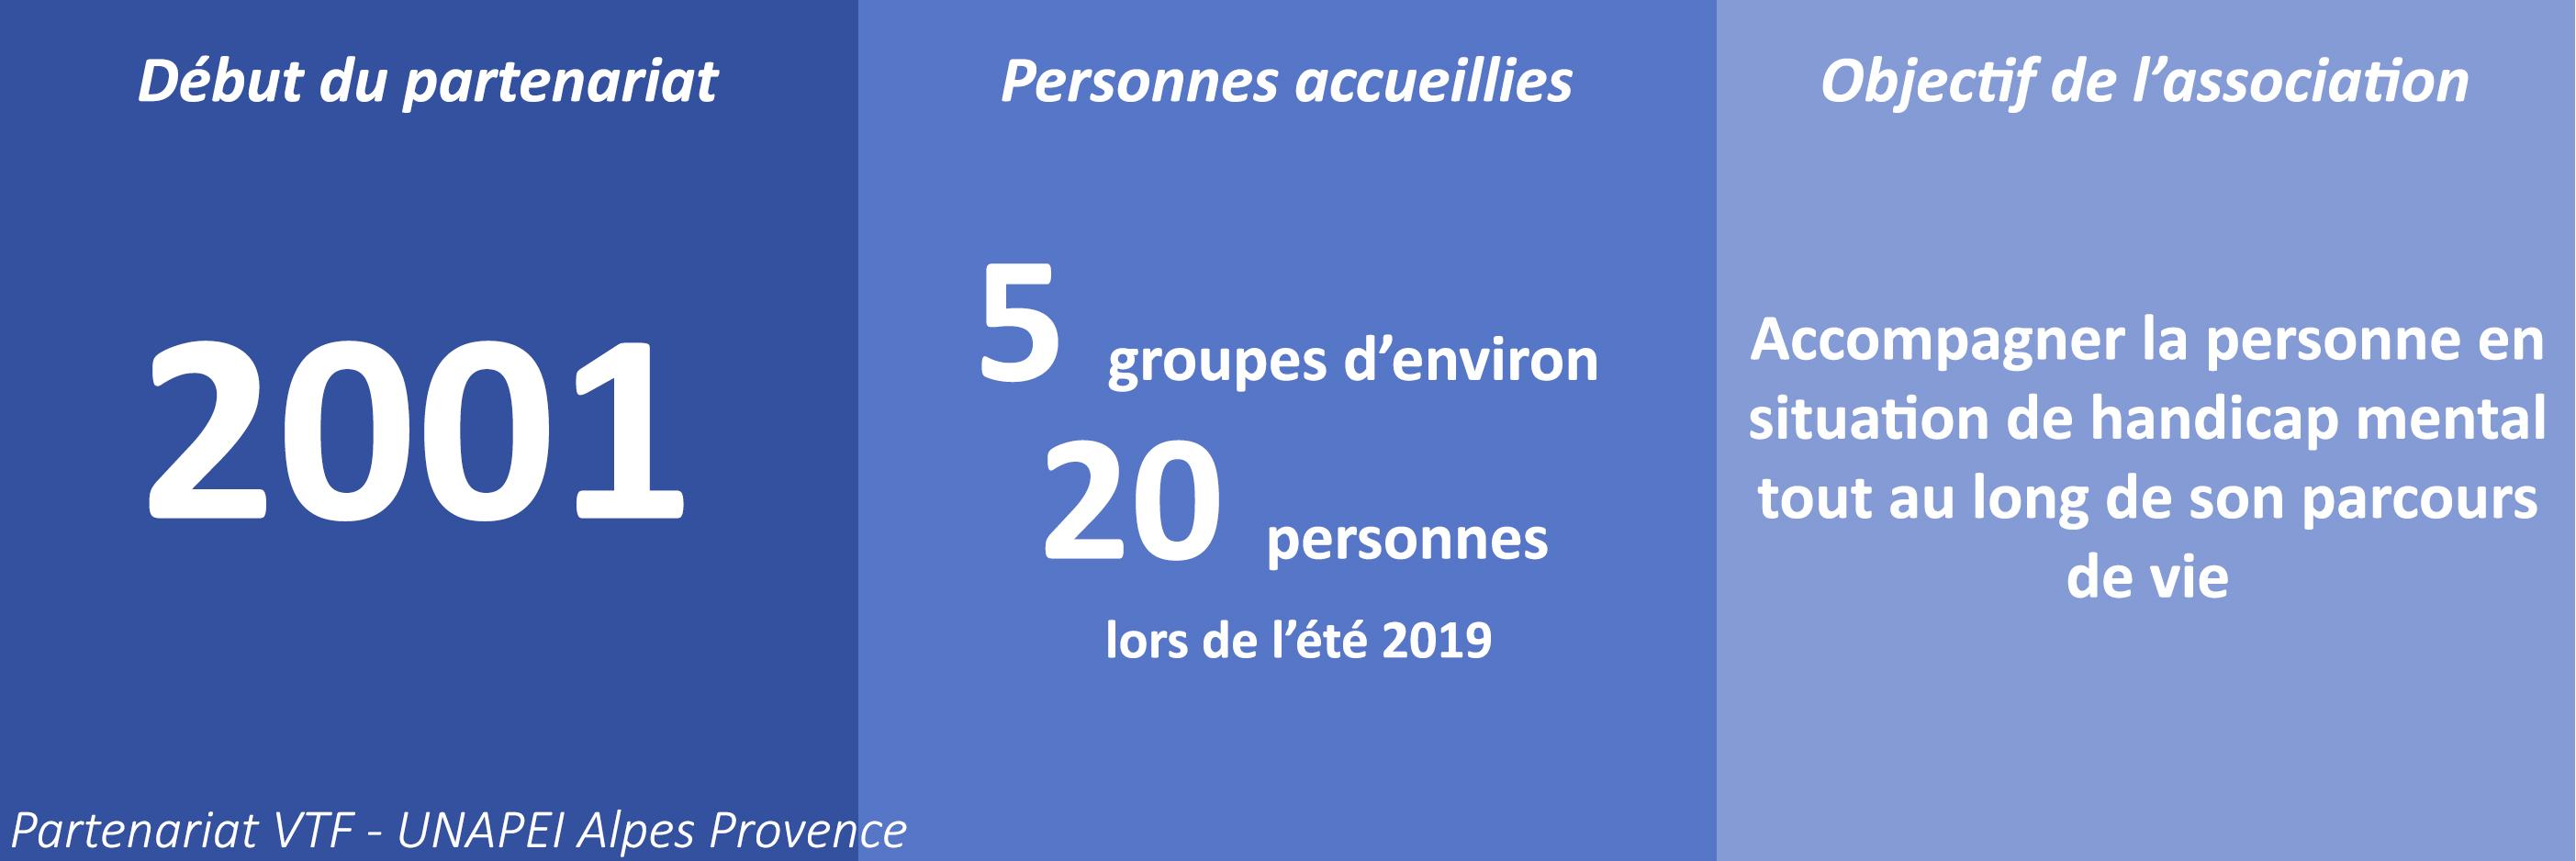 Partenariat VTF - UNAPEI Alpes Provence. Début du partenariat en 2001. 5 groupes d'environ 20 personnes accueillies lors de l'été 2019. L'objectif de l'association est d'accompagner la personne en situation de handicap mental tout au long de son parcours de vie.